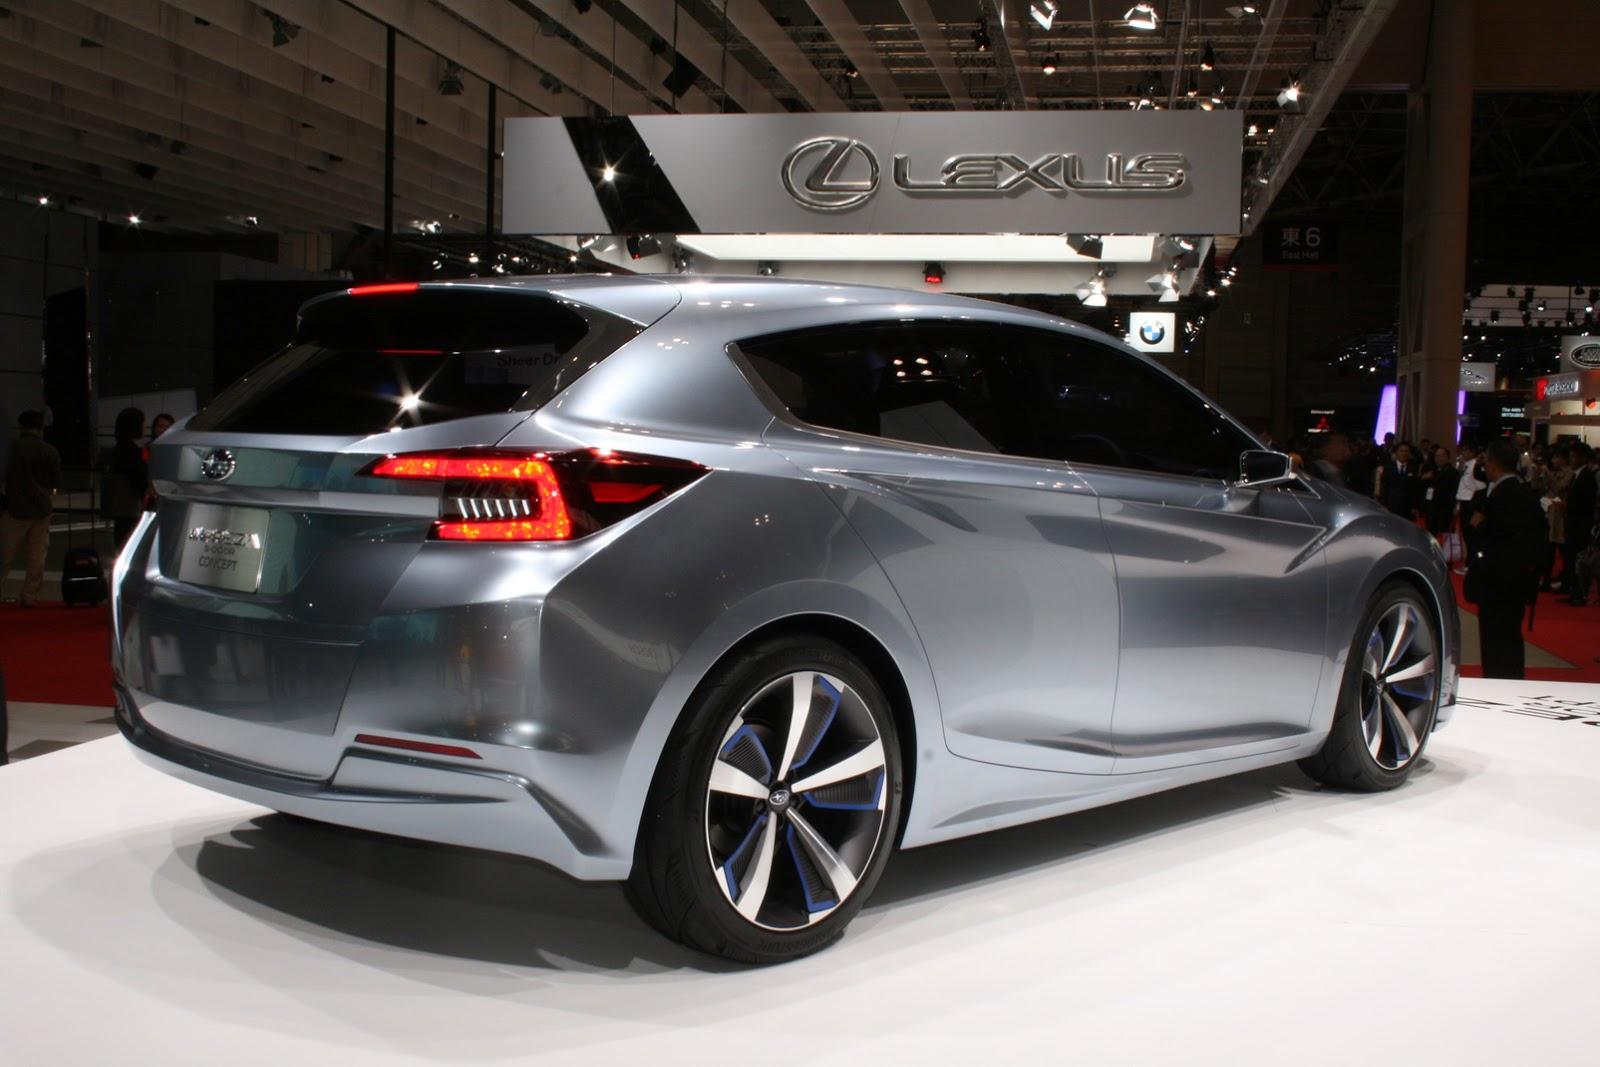 New Subaru Impreza Sedan Concept Coming To LA Auto Show ...